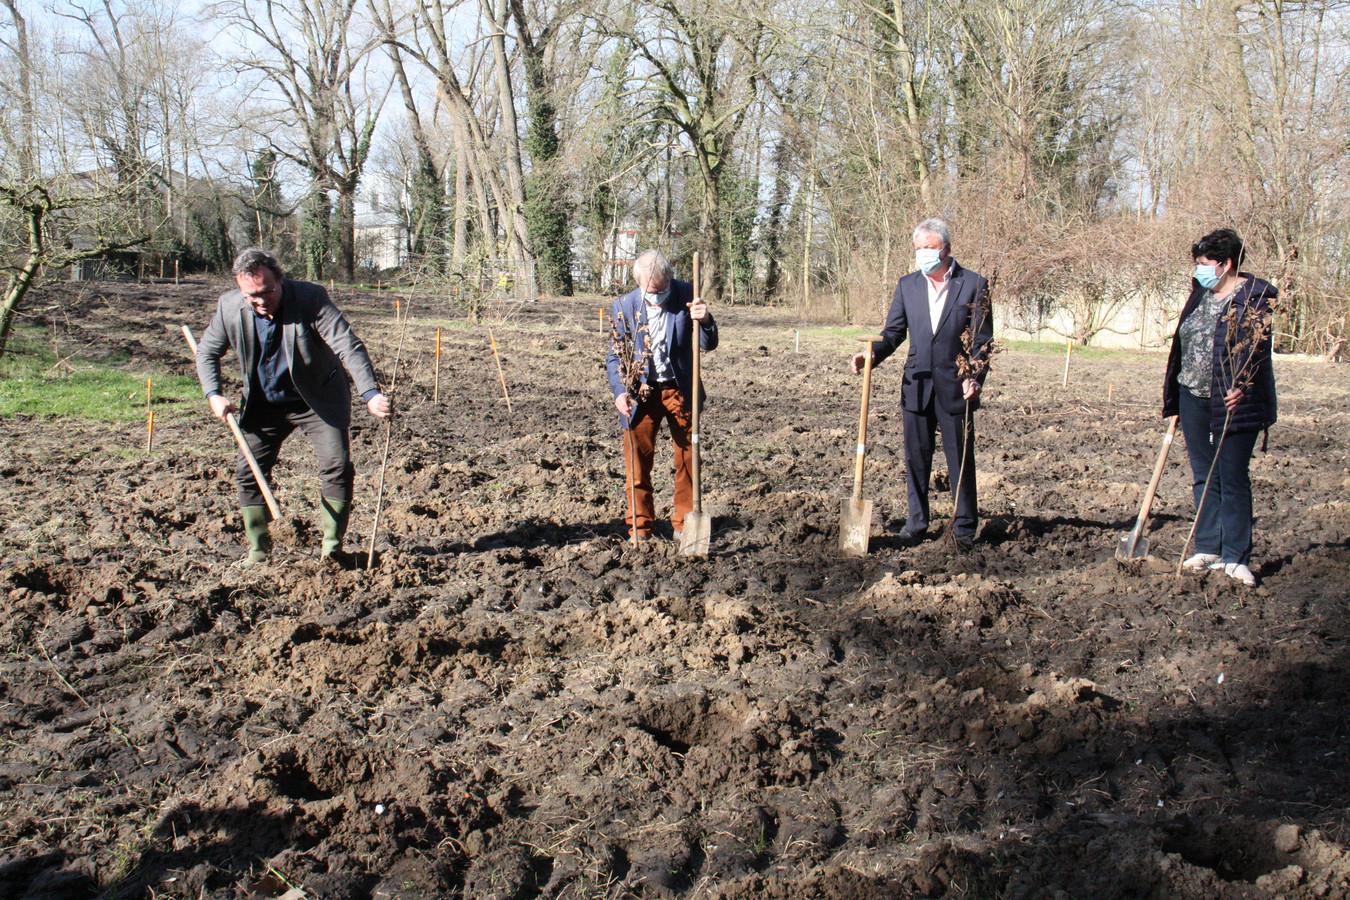 Gedeputeerde Jurgen Vanlerberghe, schepenen Martin Obin en Marc Deprez en burgemeester Lies Laridon.